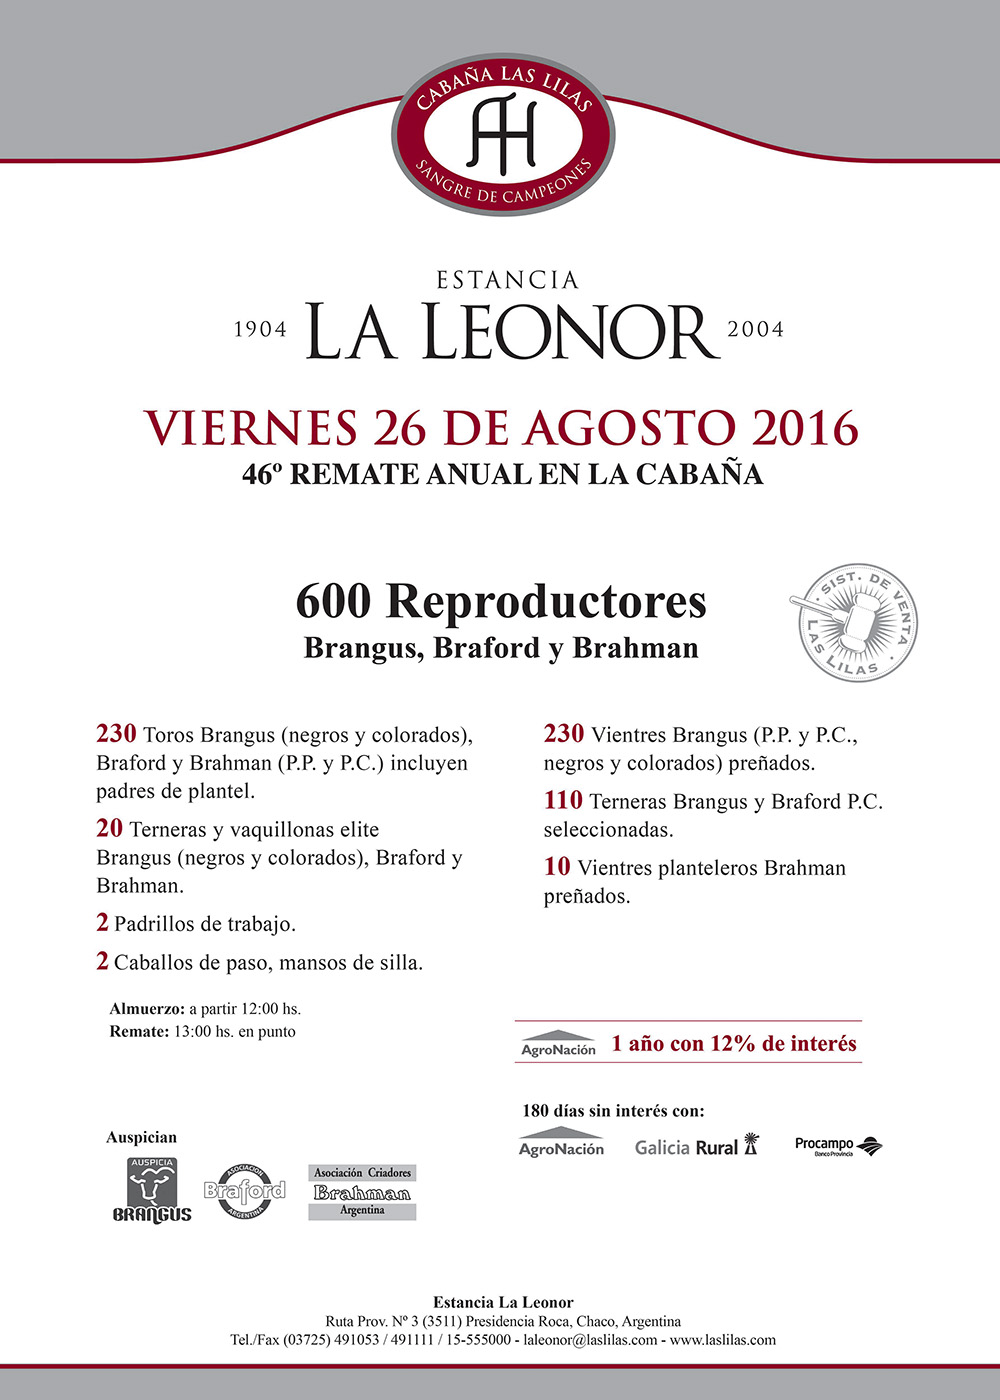 Remate La Leonor copy